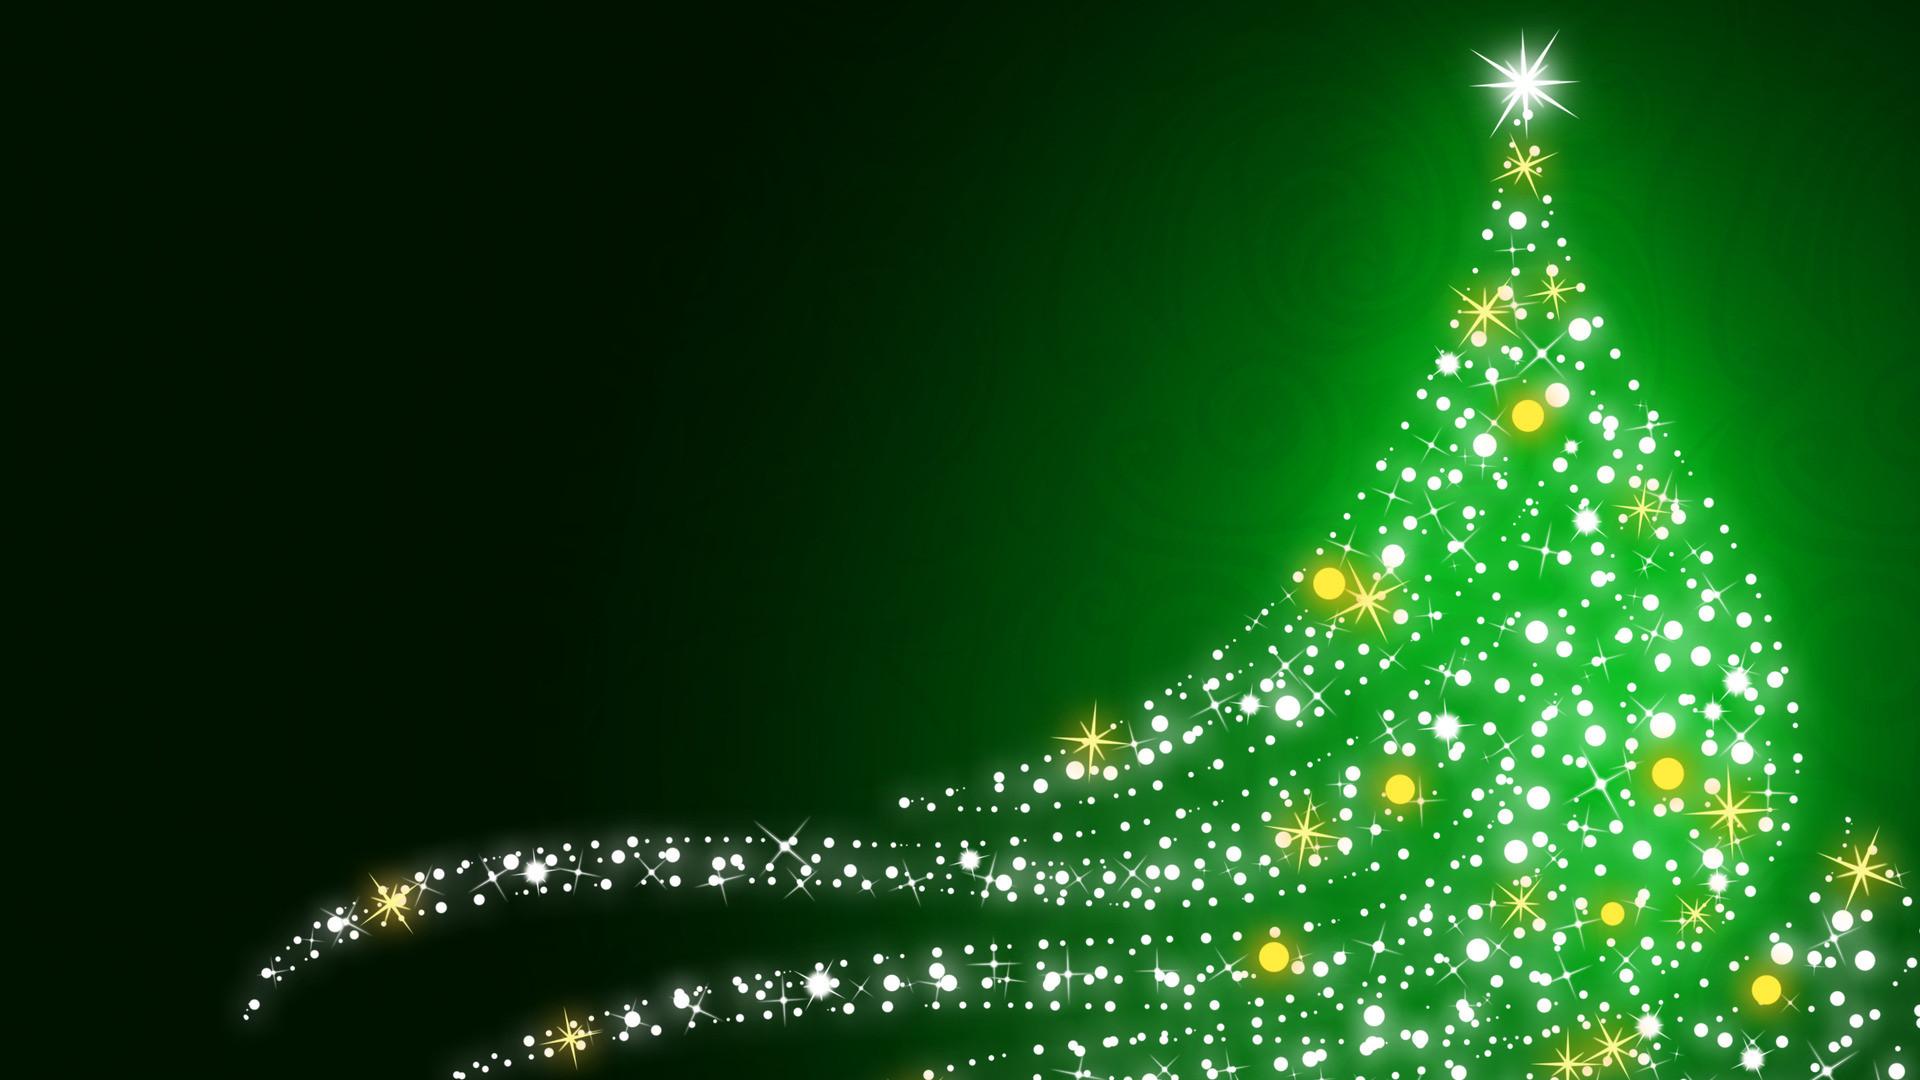 Glitter Christmas Wallpaper 57 Images